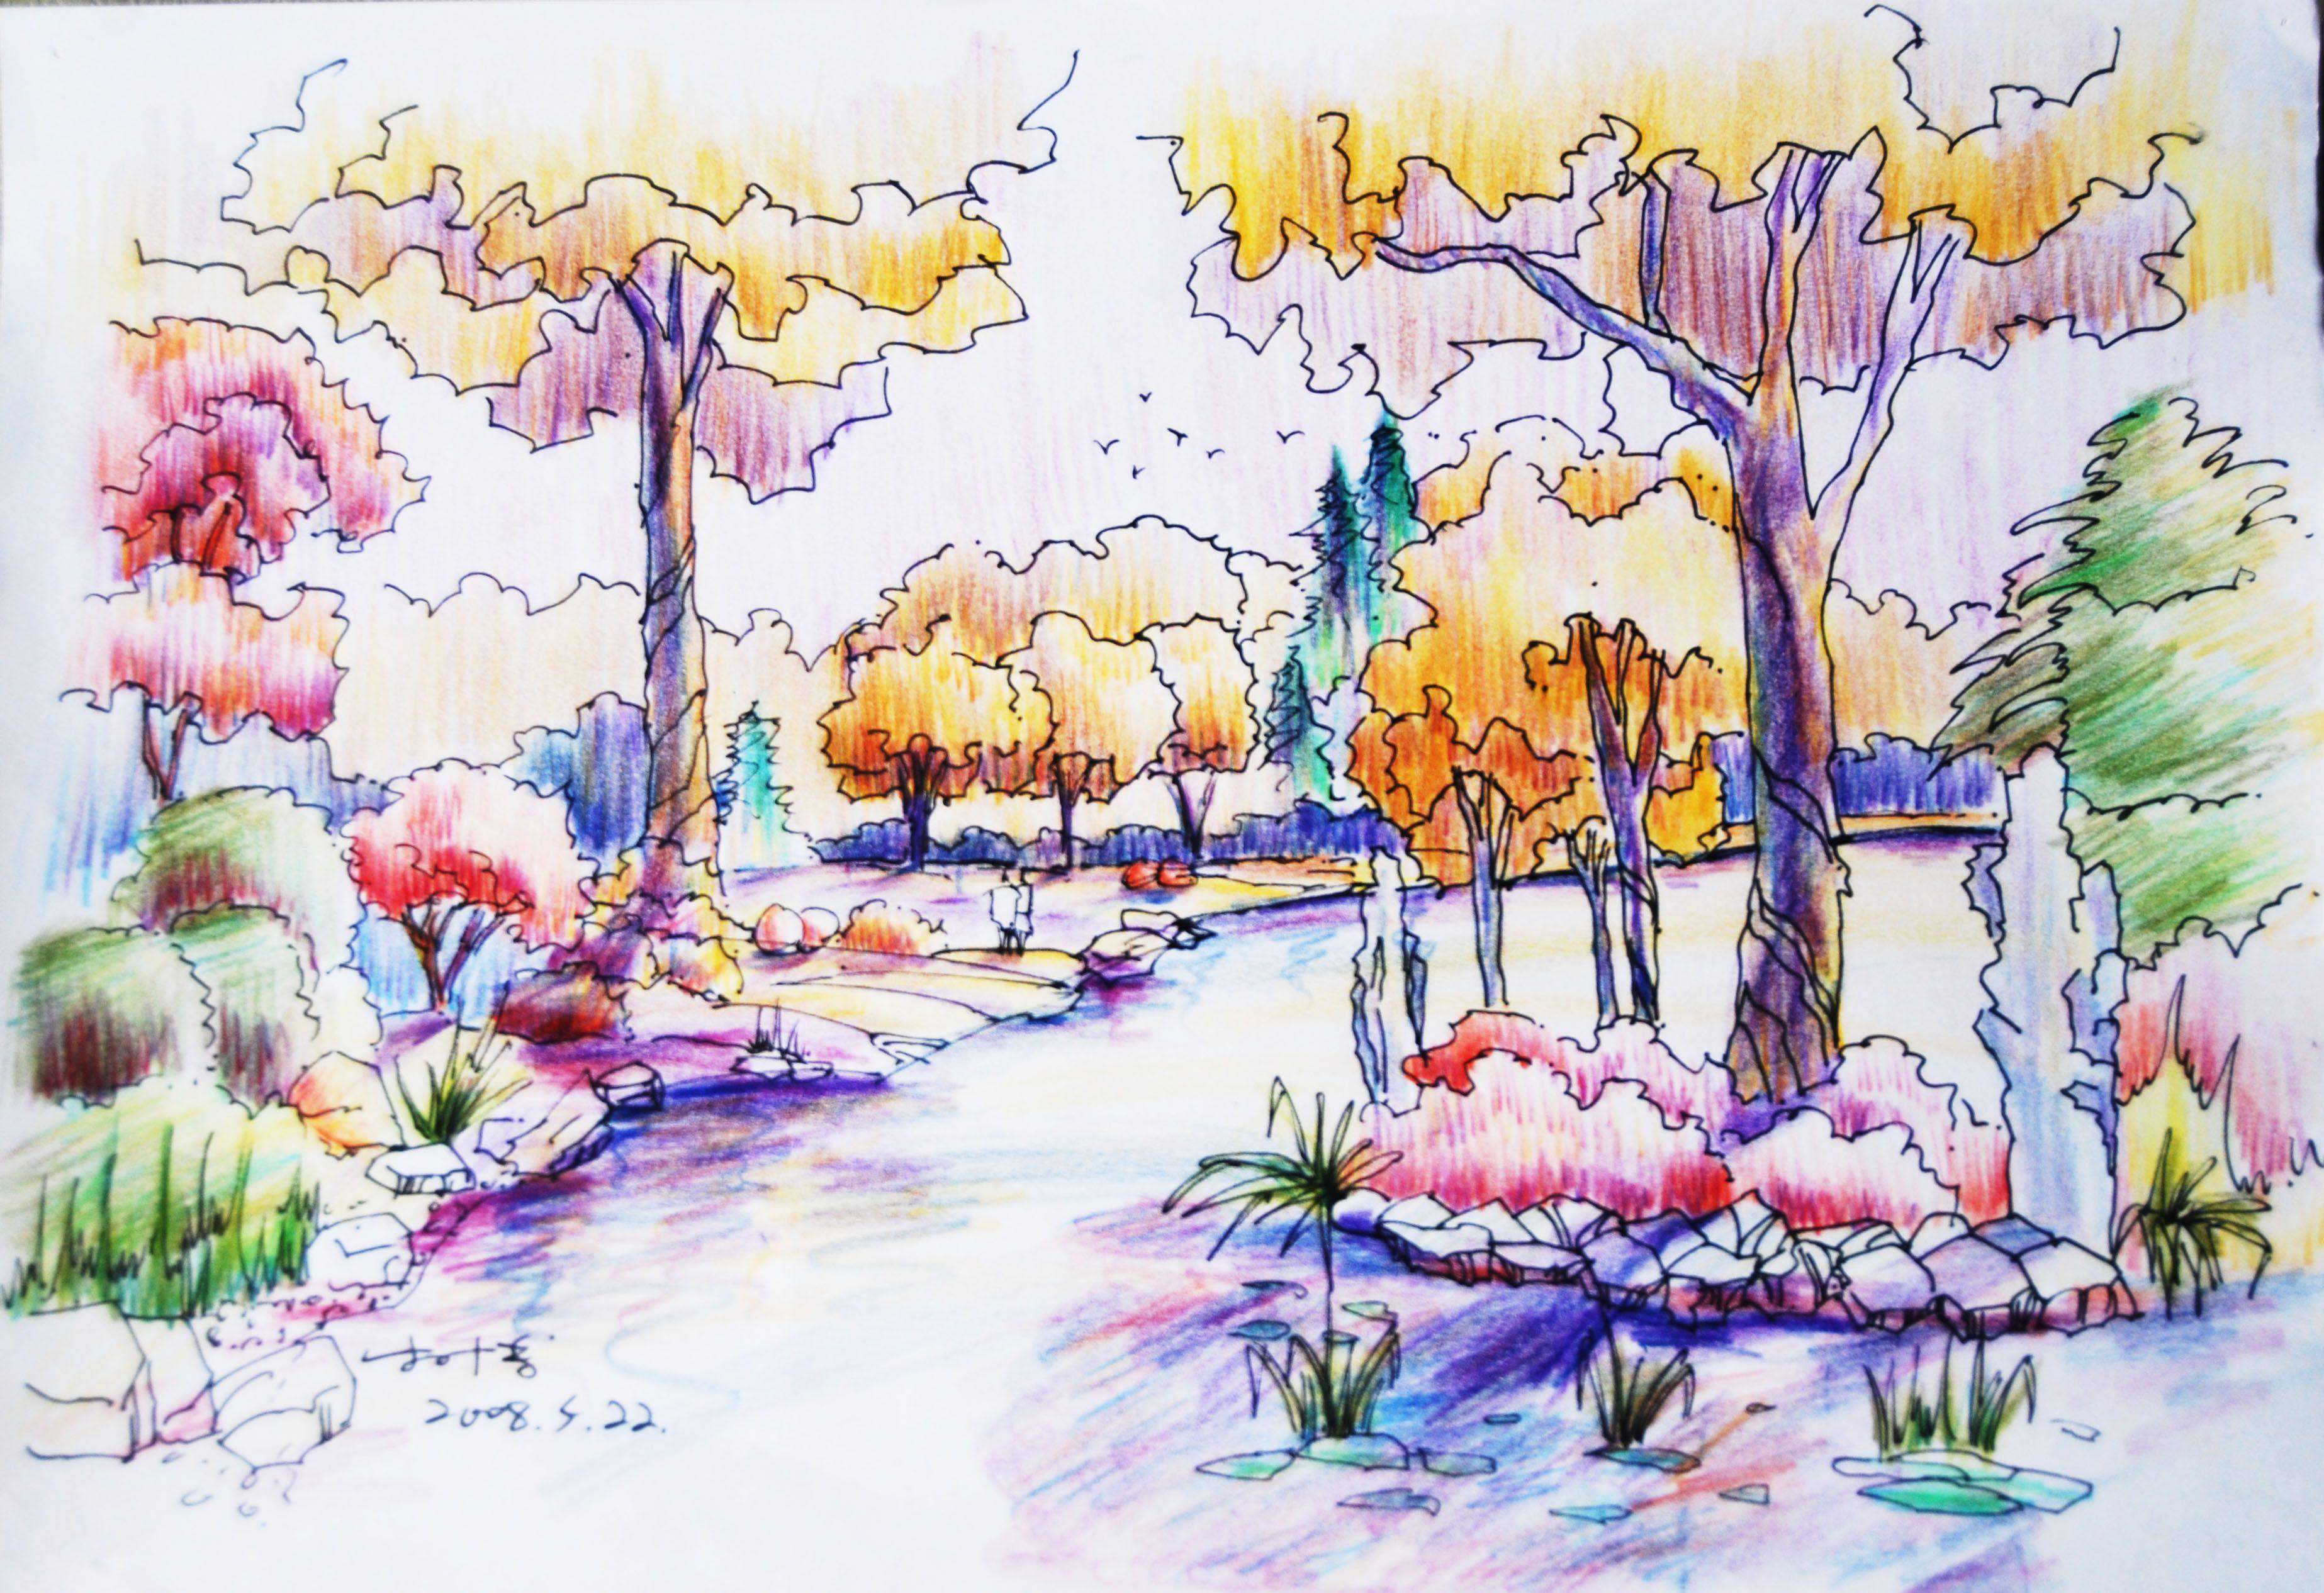 水溶性彩色铅笔风景画,最少20张_百度知道